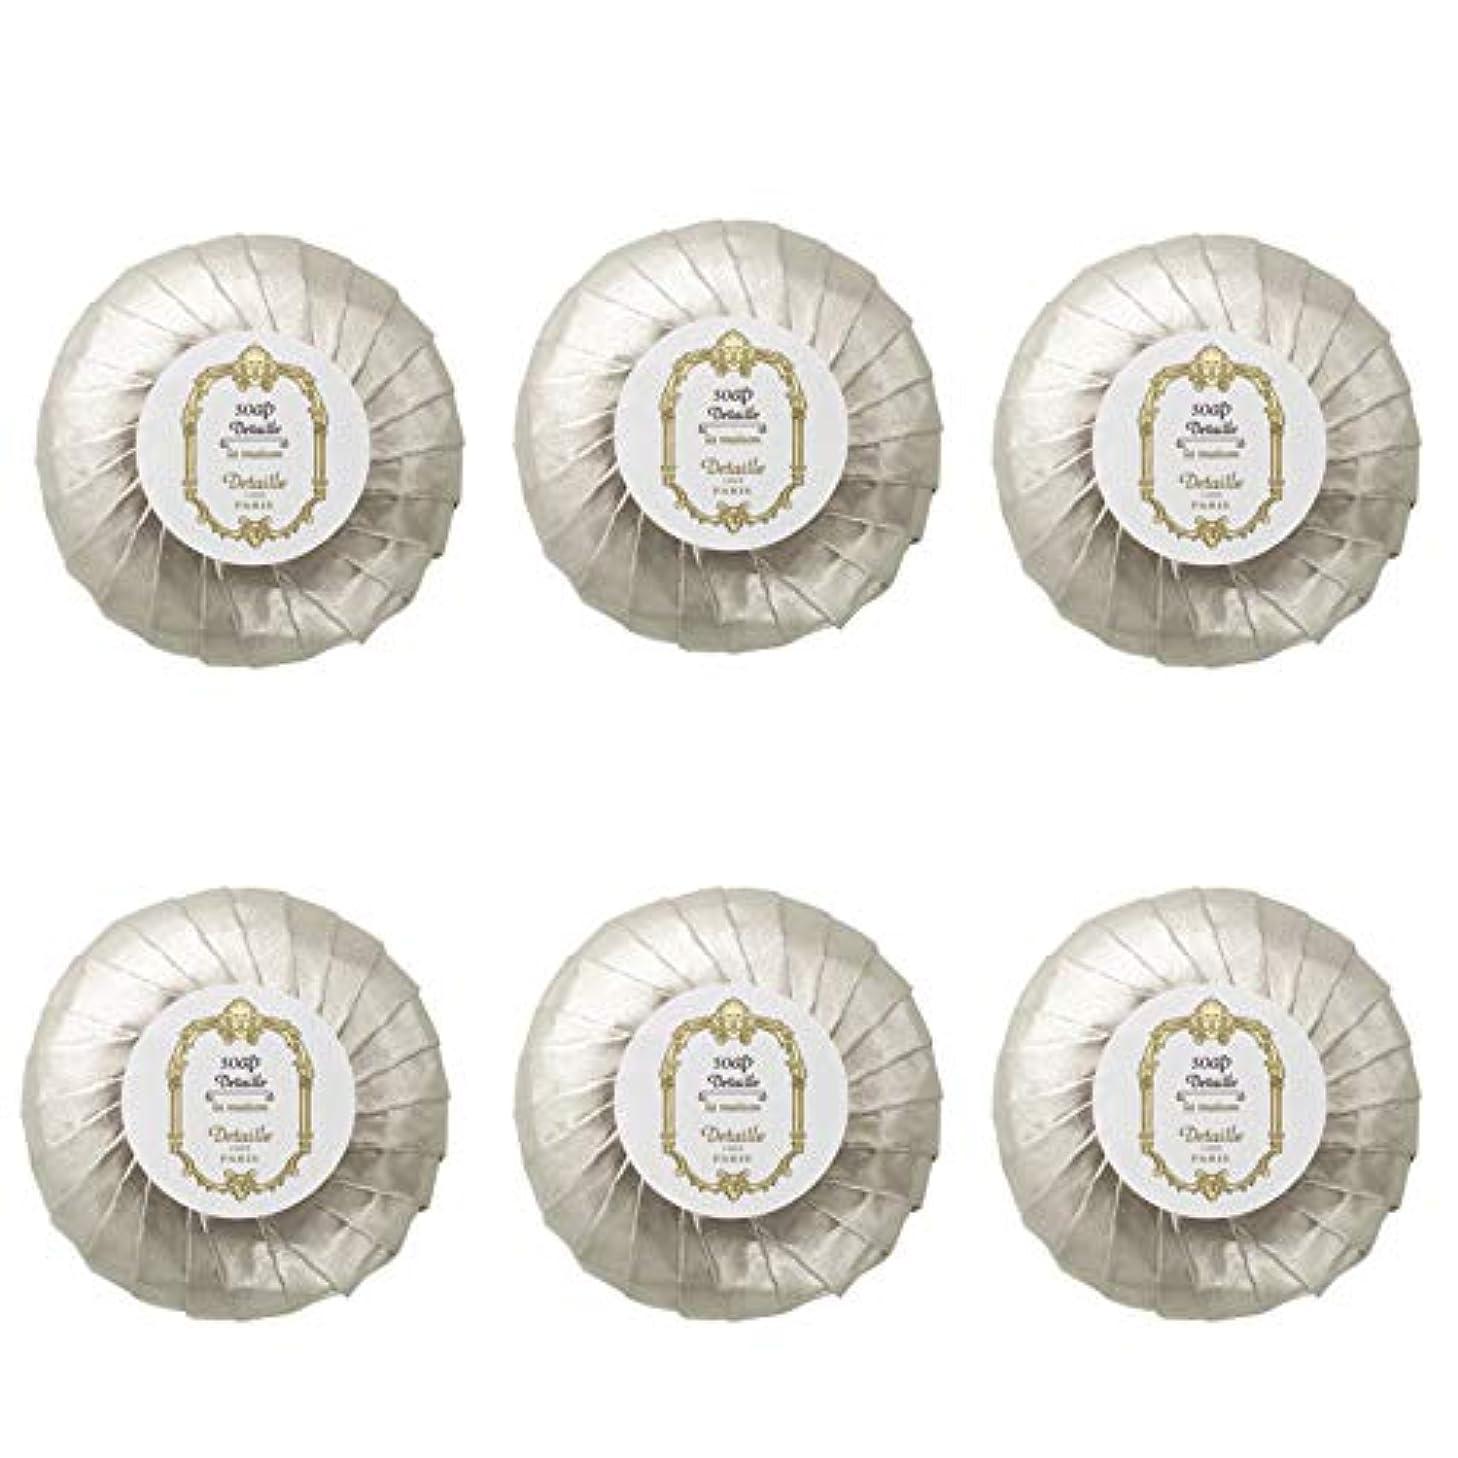 ケニアフィドルマニフェストPOLA デタイユ ラ メゾン スキンソープ 固形石鹸 (プリーツ包装) 50g×6個